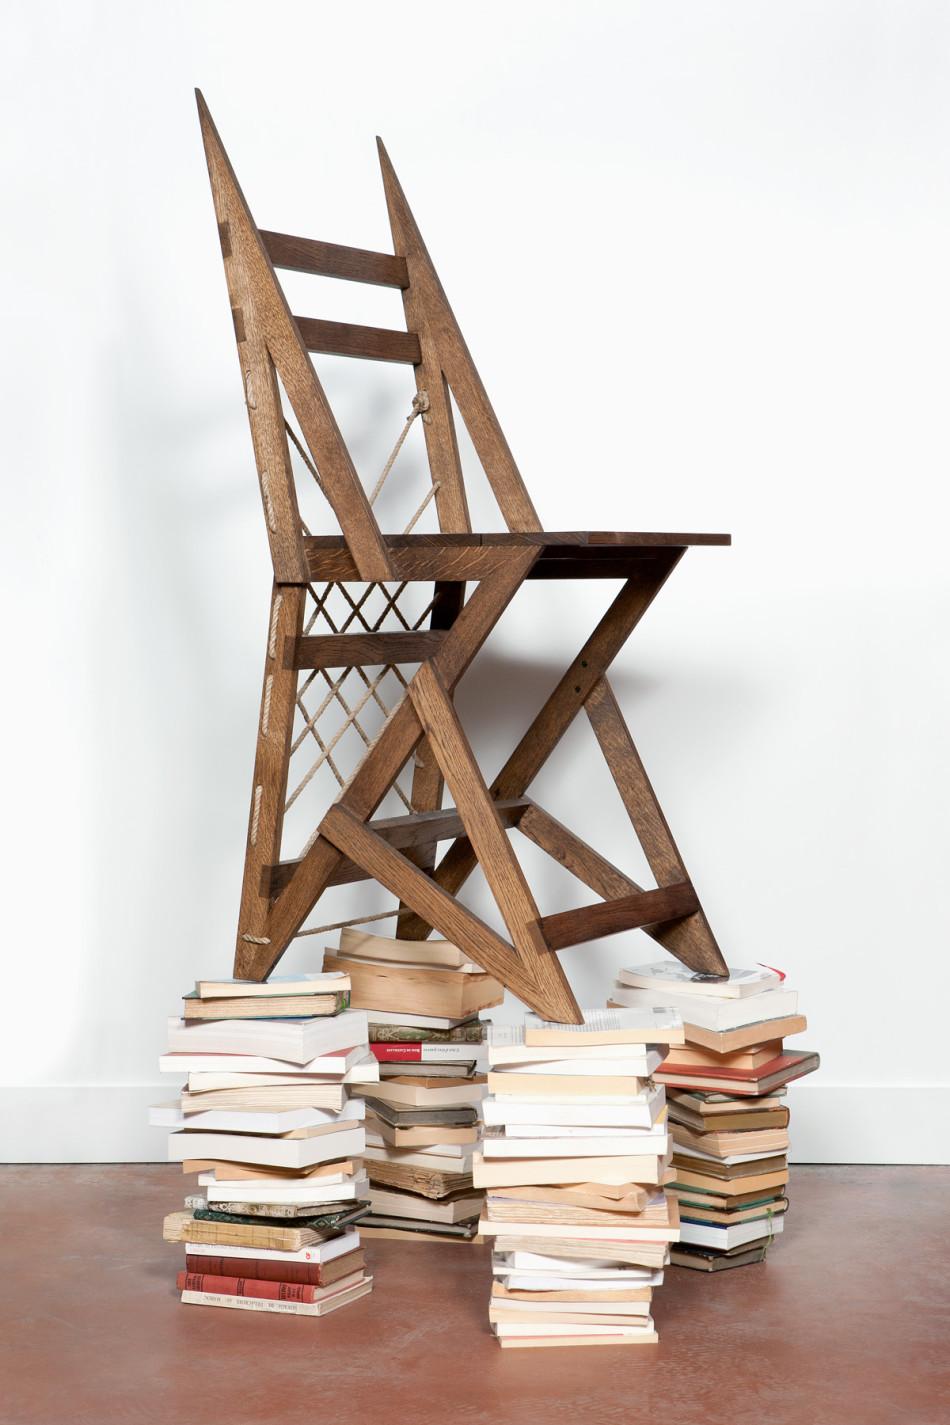 la chaise musicale - de Boris Vian